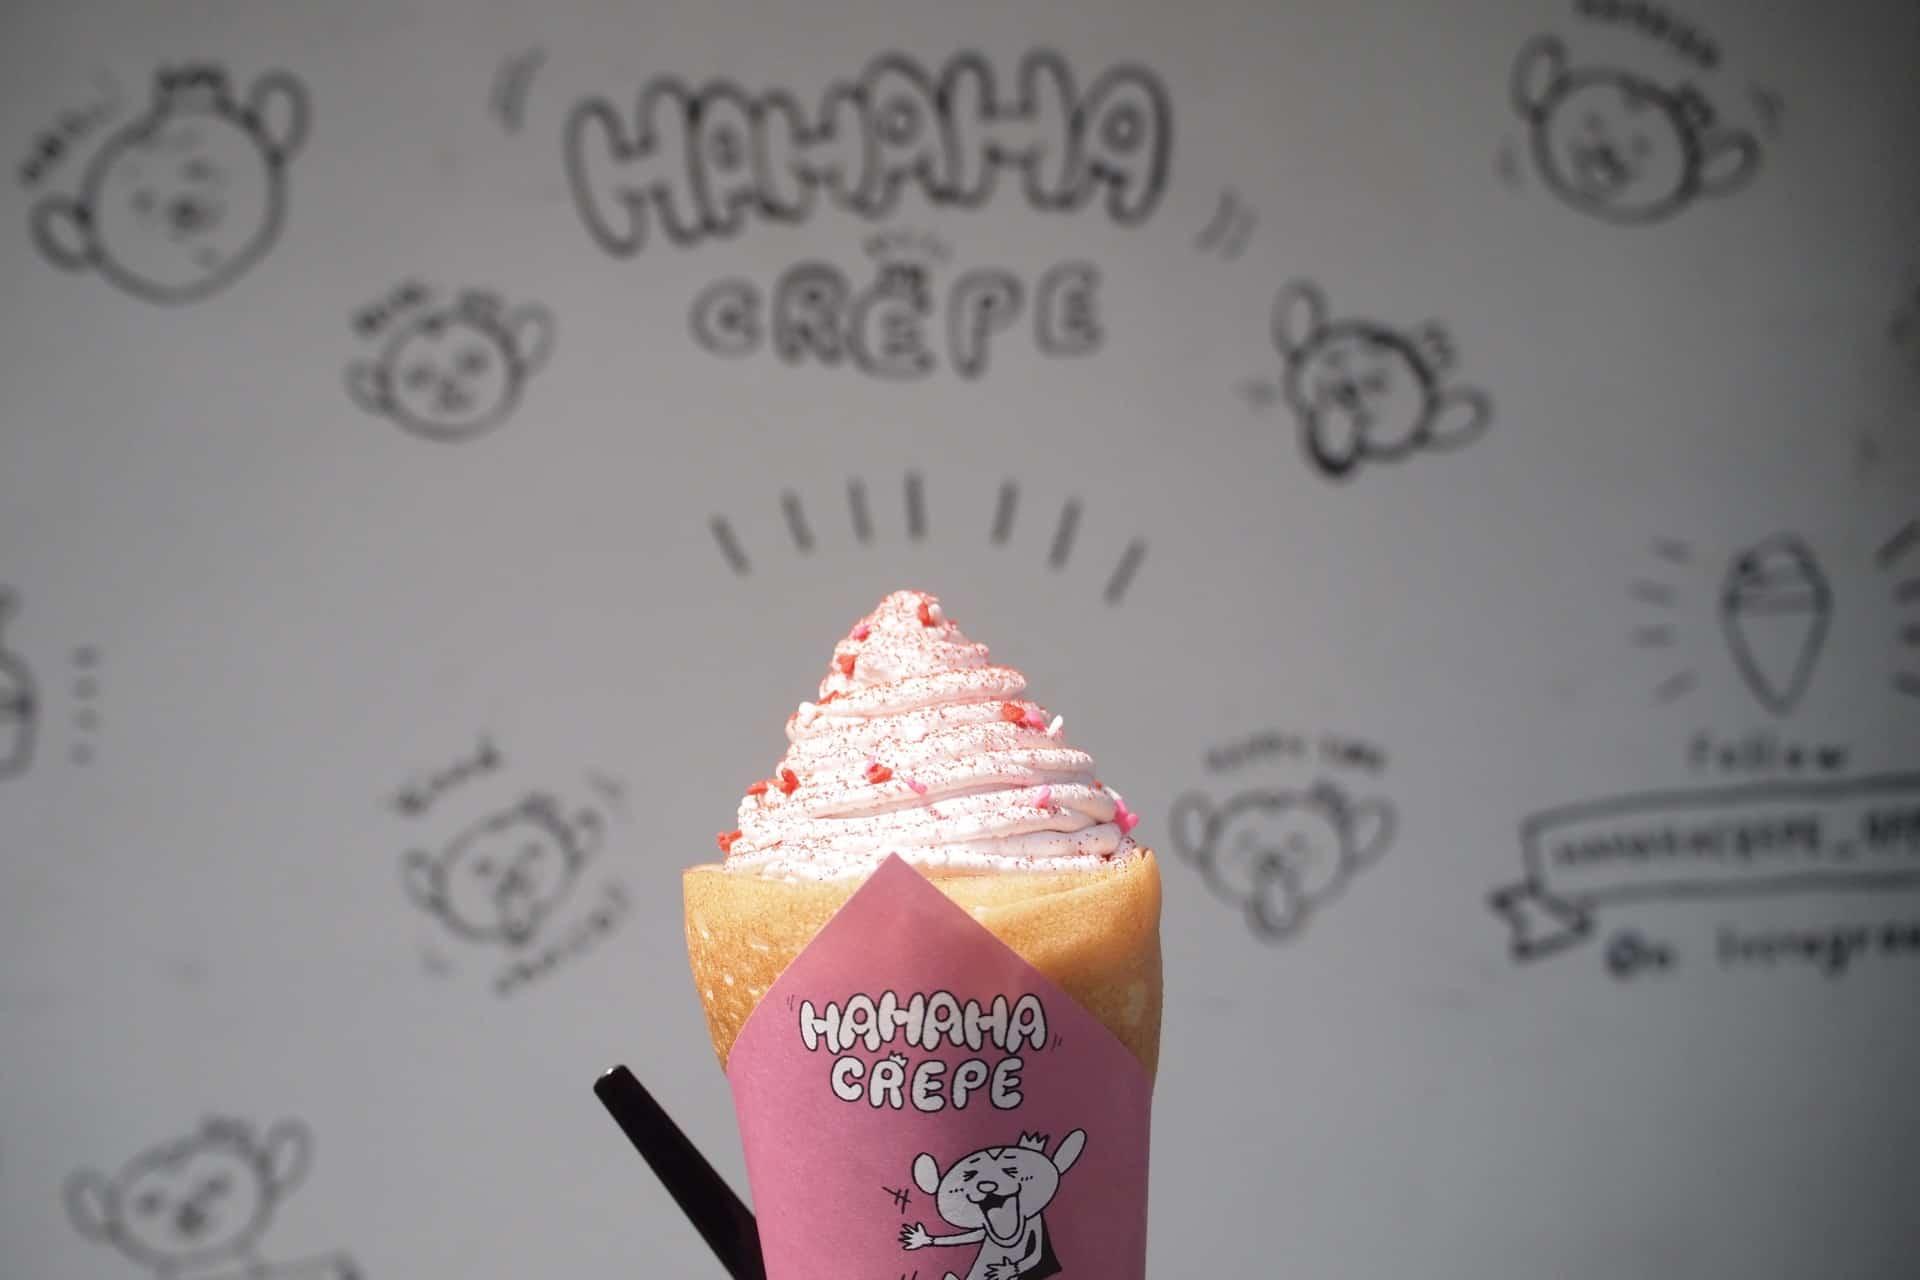 ハハハクレープ − 神戸元町・トアウエストの人気クレープ店。メニュー豊富でインスタ映え!